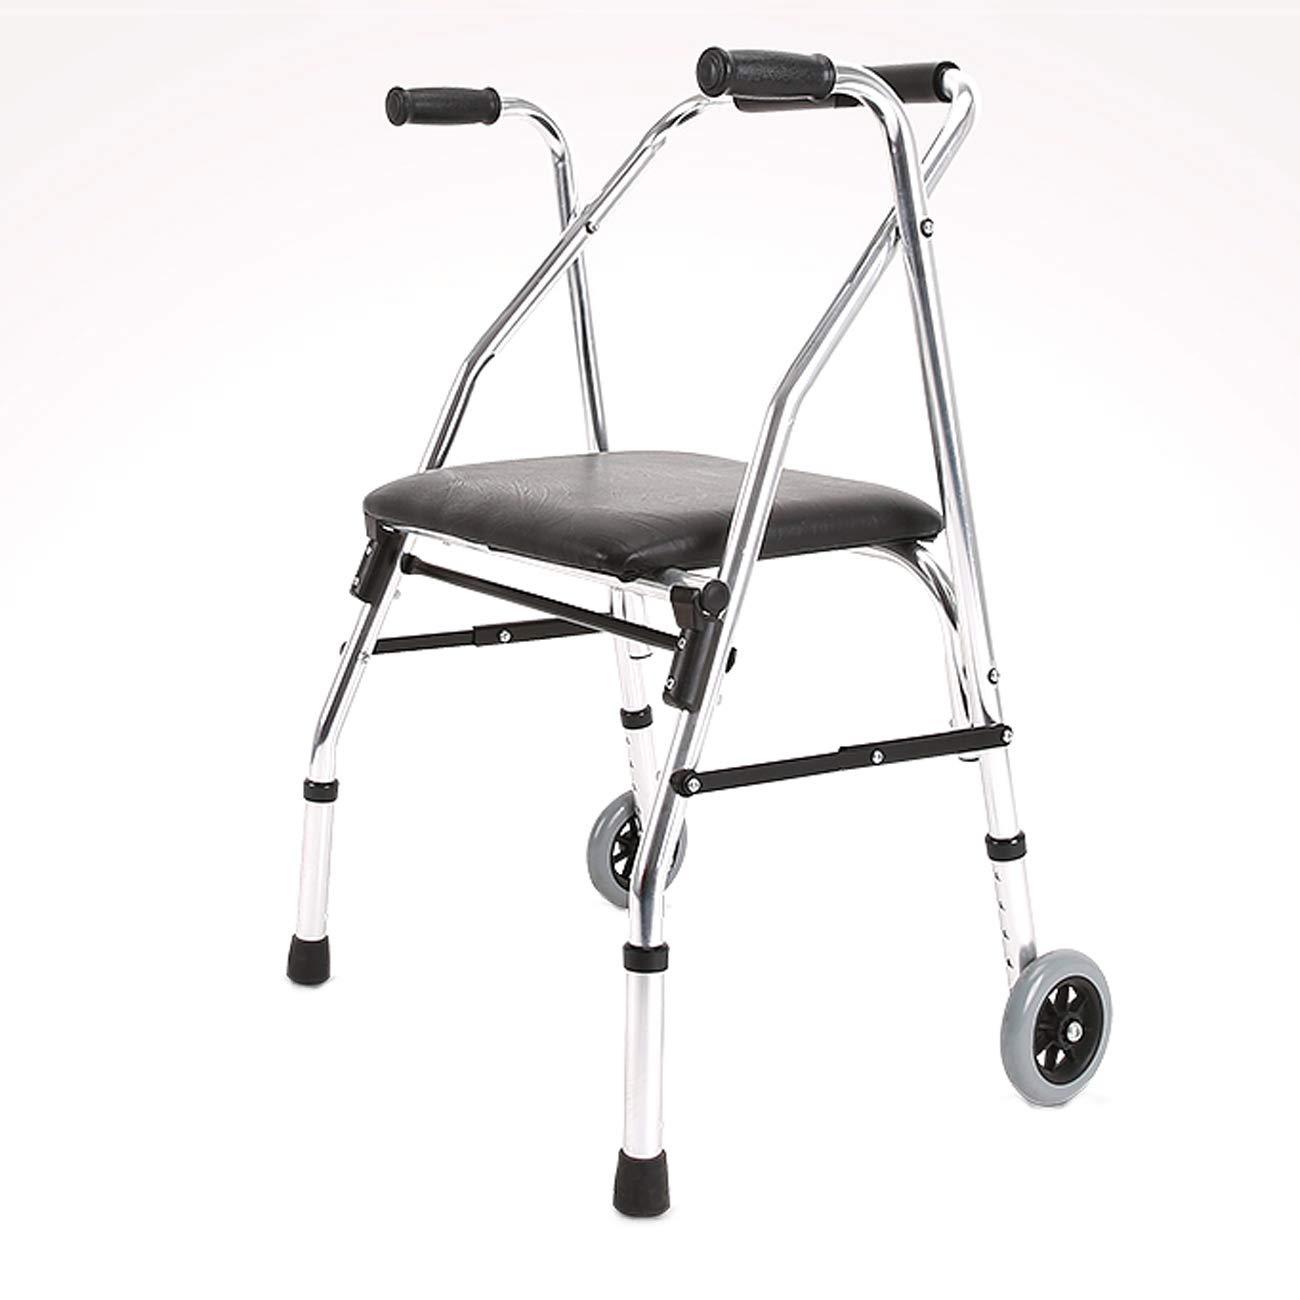 【特価】 高齢者の歩行器 B07L2KH5JT、アルミ合金歩行補助、キャリー2キャスターシートクッション補助歩行器 B07L2KH5JT, アステック:5de0f363 --- a0267596.xsph.ru